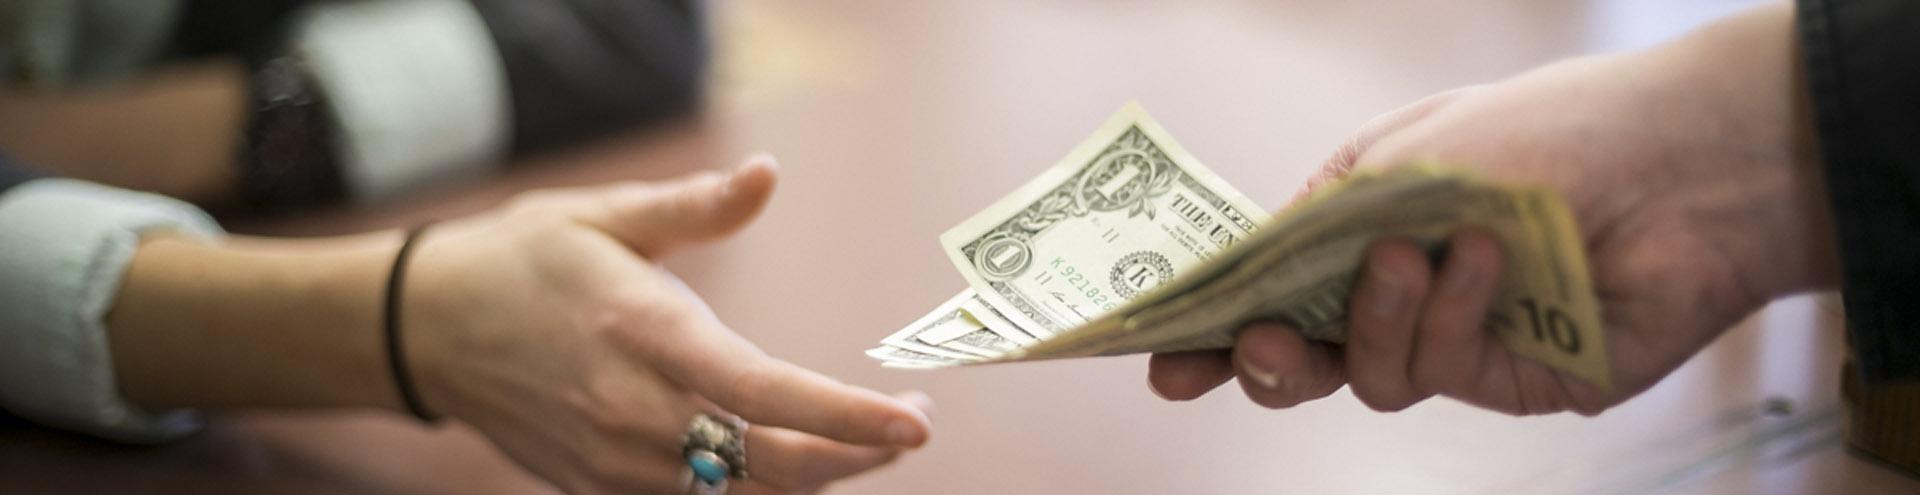 взыскание долгов в Краснодаре и Краснодарском крае